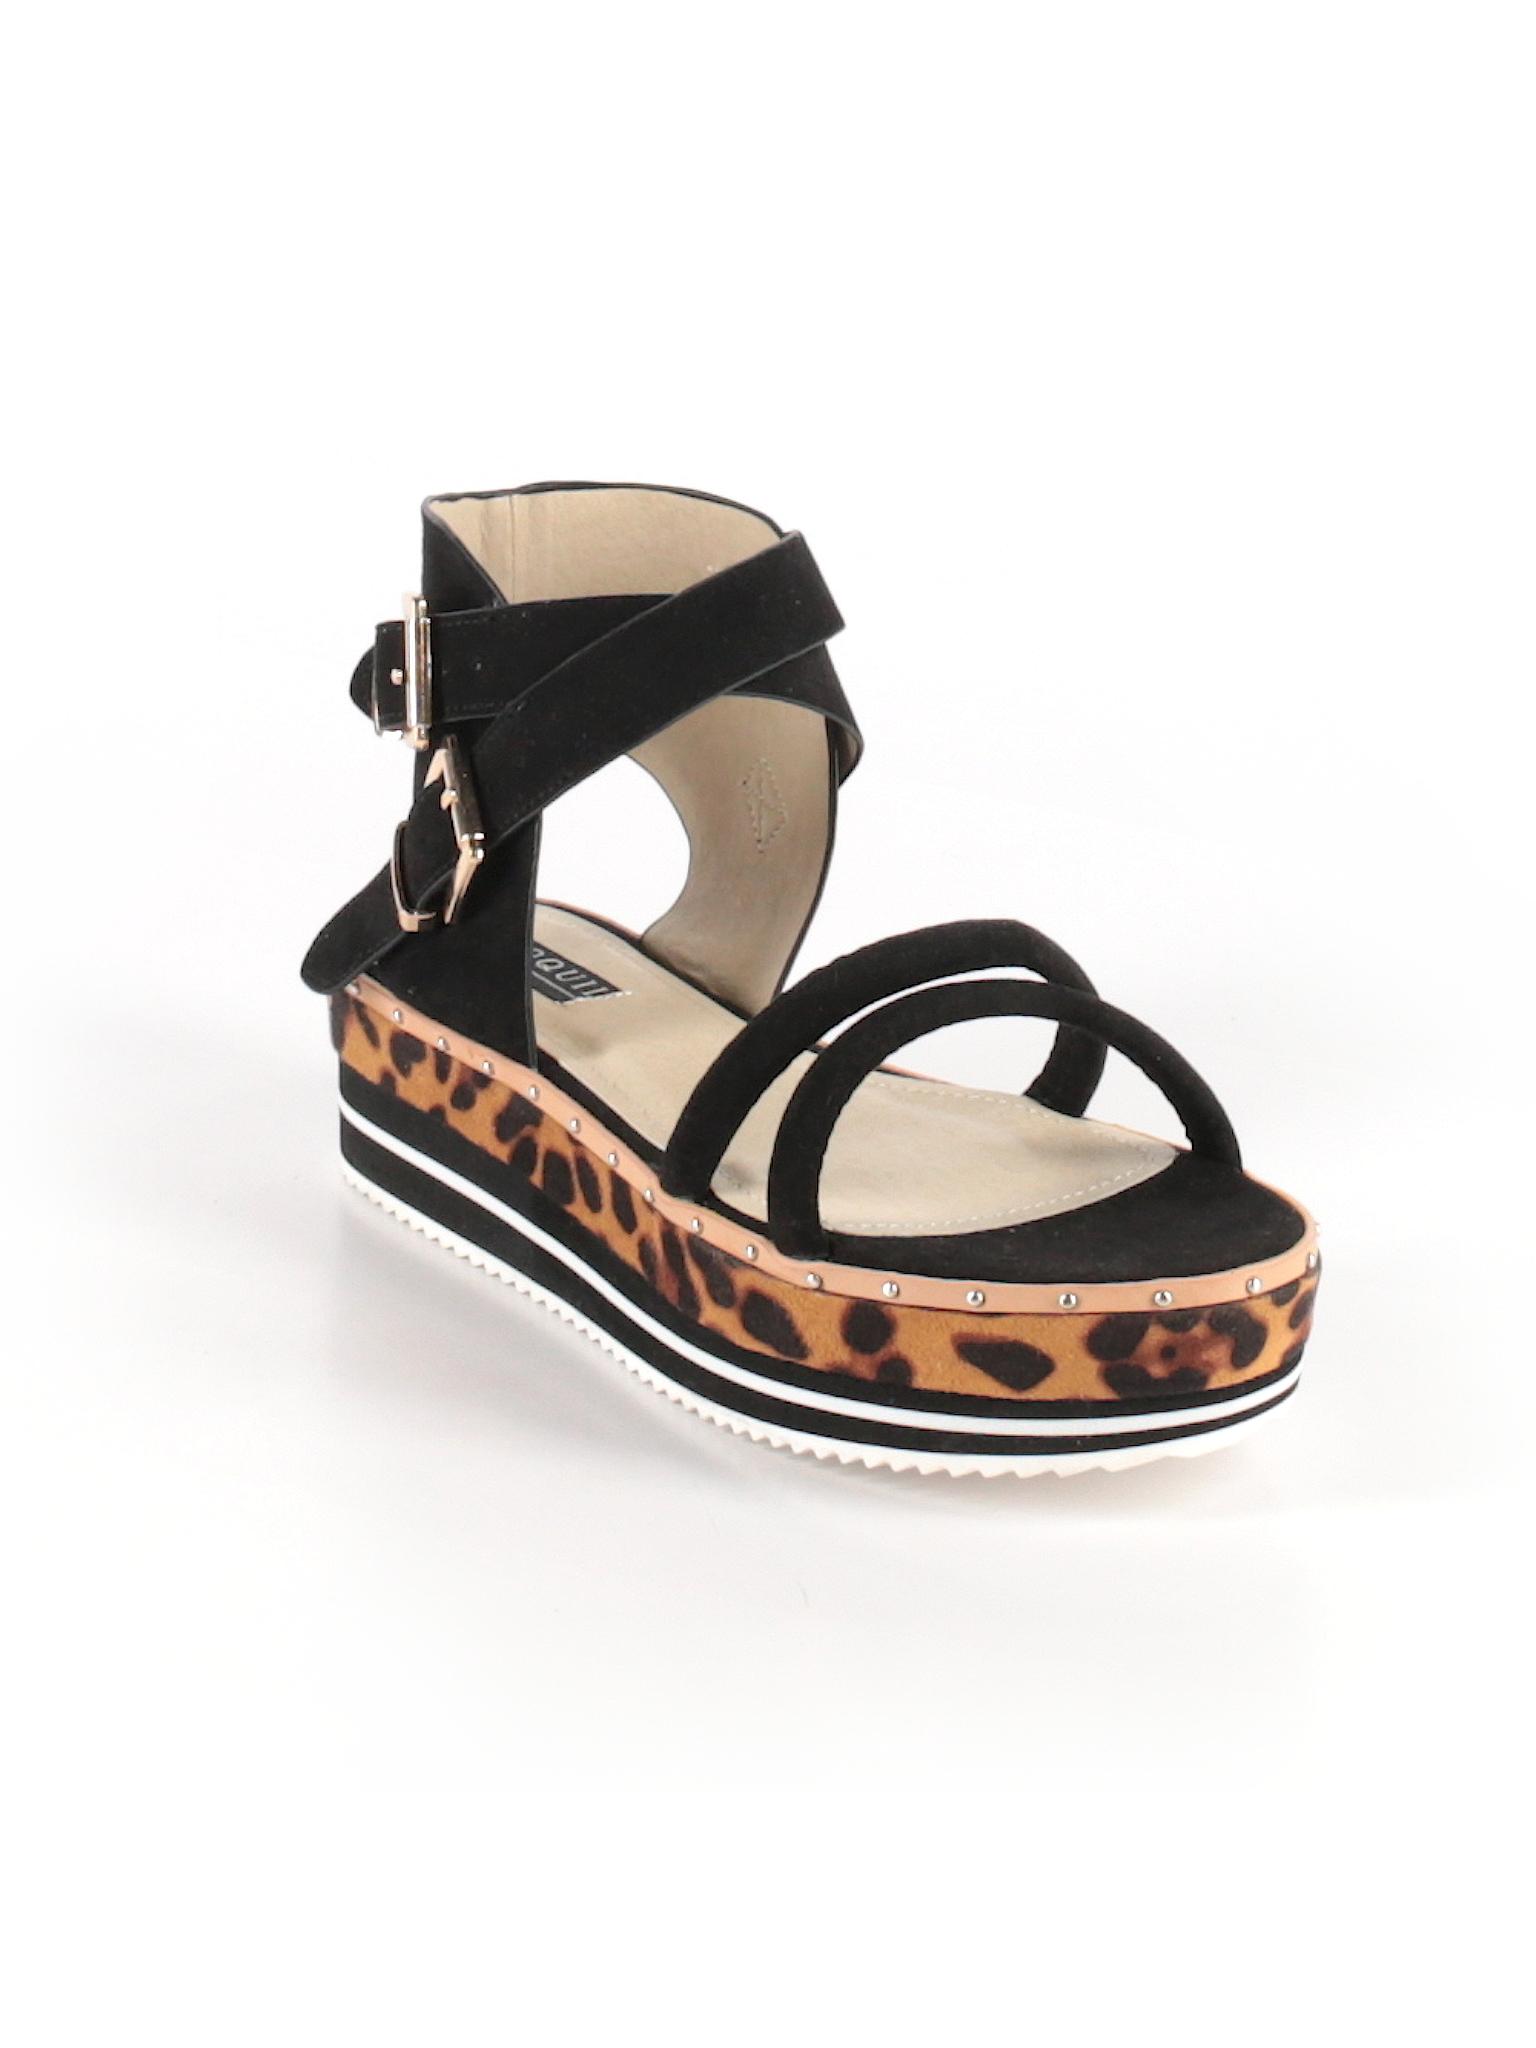 Eloquii promotion Boutique promotion Eloquii Boutique Sandals Boutique Sandals q1FHaxwOZ